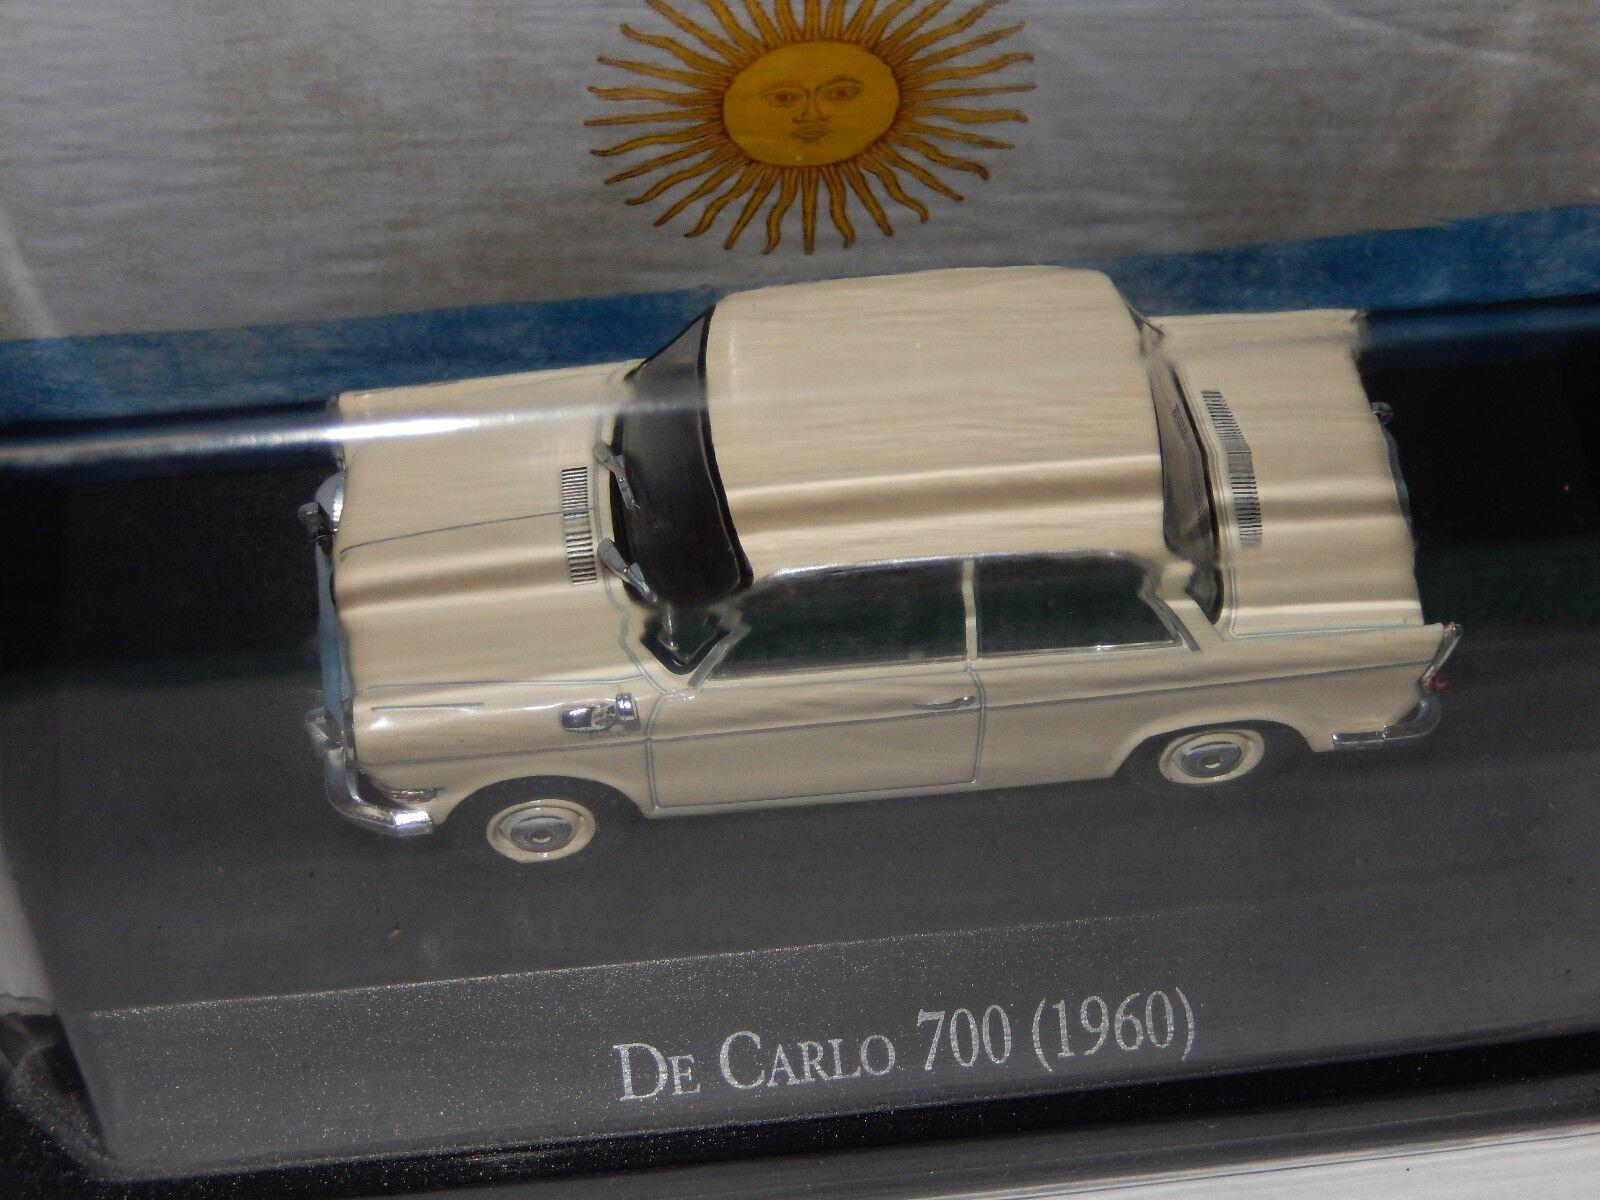 1960 De Carlo 700   BMW BMW BMW Microcar Diecast Car  New Sealed 1 43 USA Seller b60a81